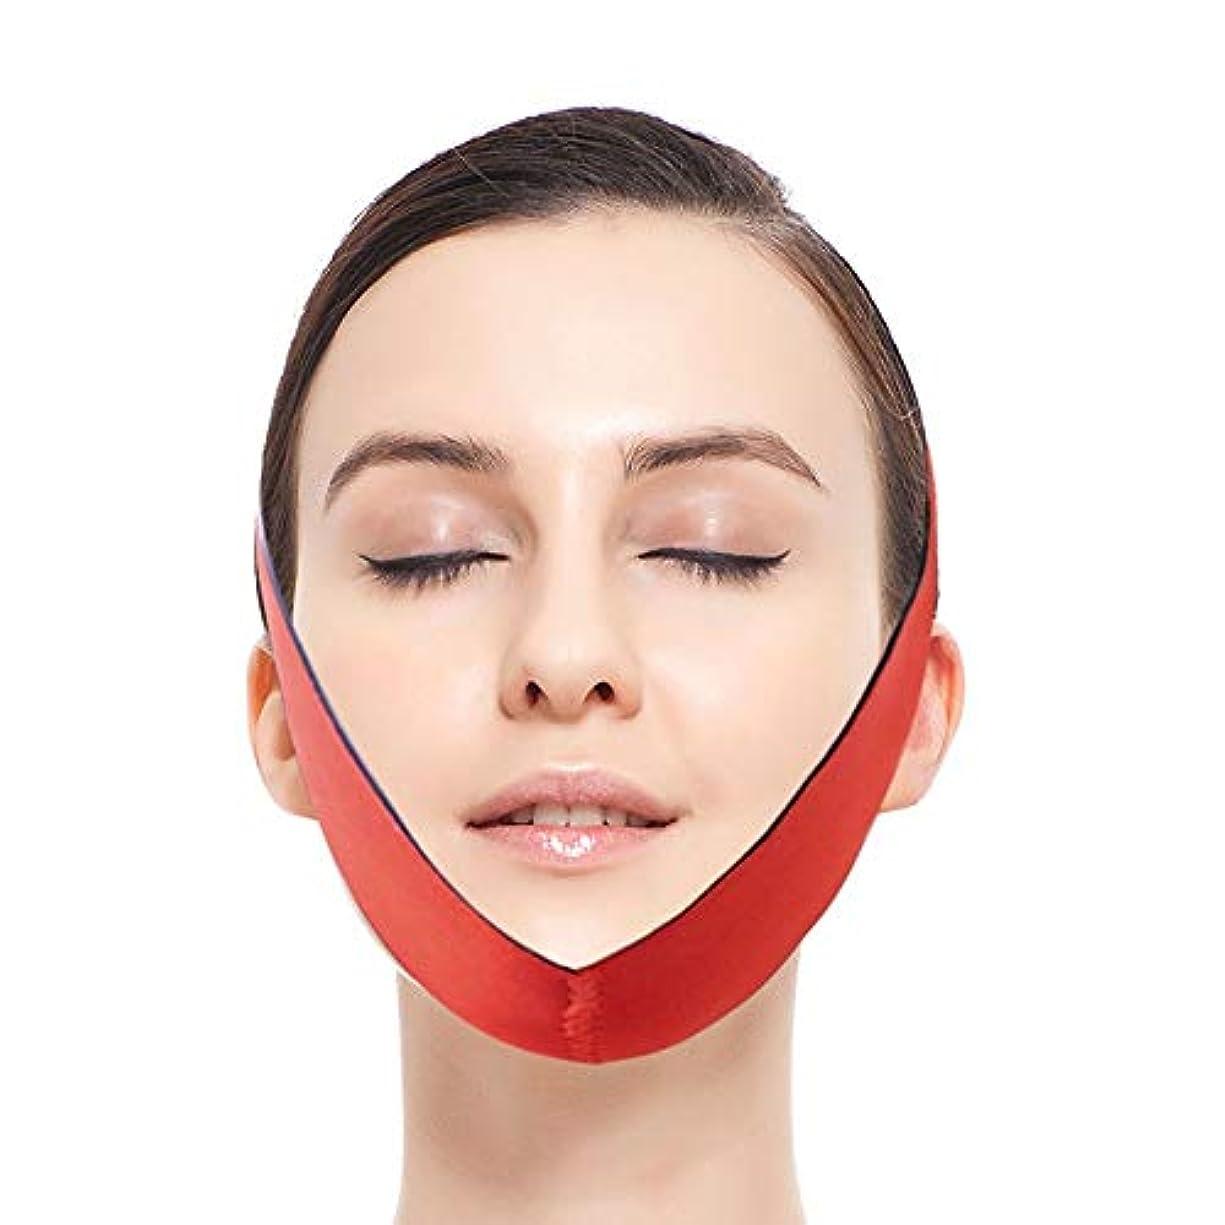 初期保守可能伝えるGYZ フェイスリフティングアーティファクトVフェイス包帯マスクダブルあご引き締め顔薄い咬傷筋肉下顎矯正顔 Thin Face Belt